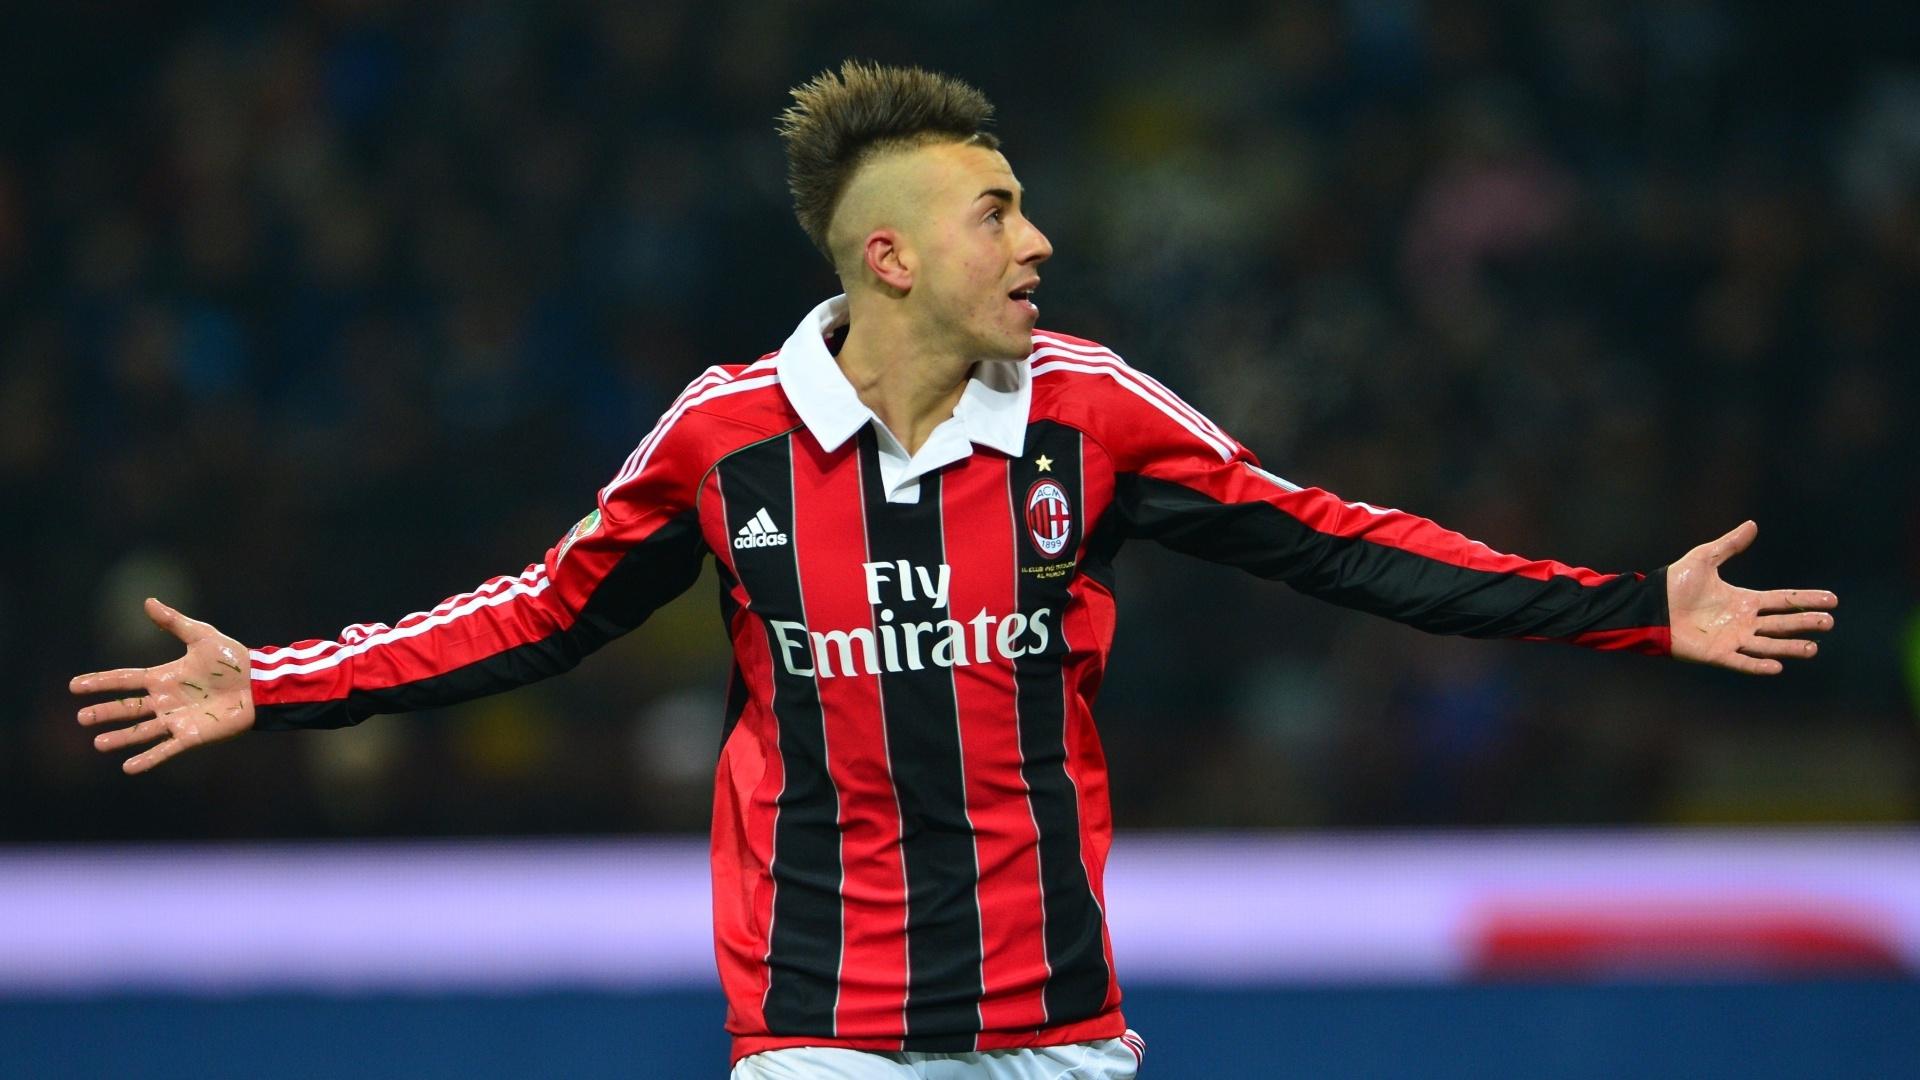 El Shaarawy abriu o placar para o Milan no clássico contra a Inter de Milão, que terminou empatado